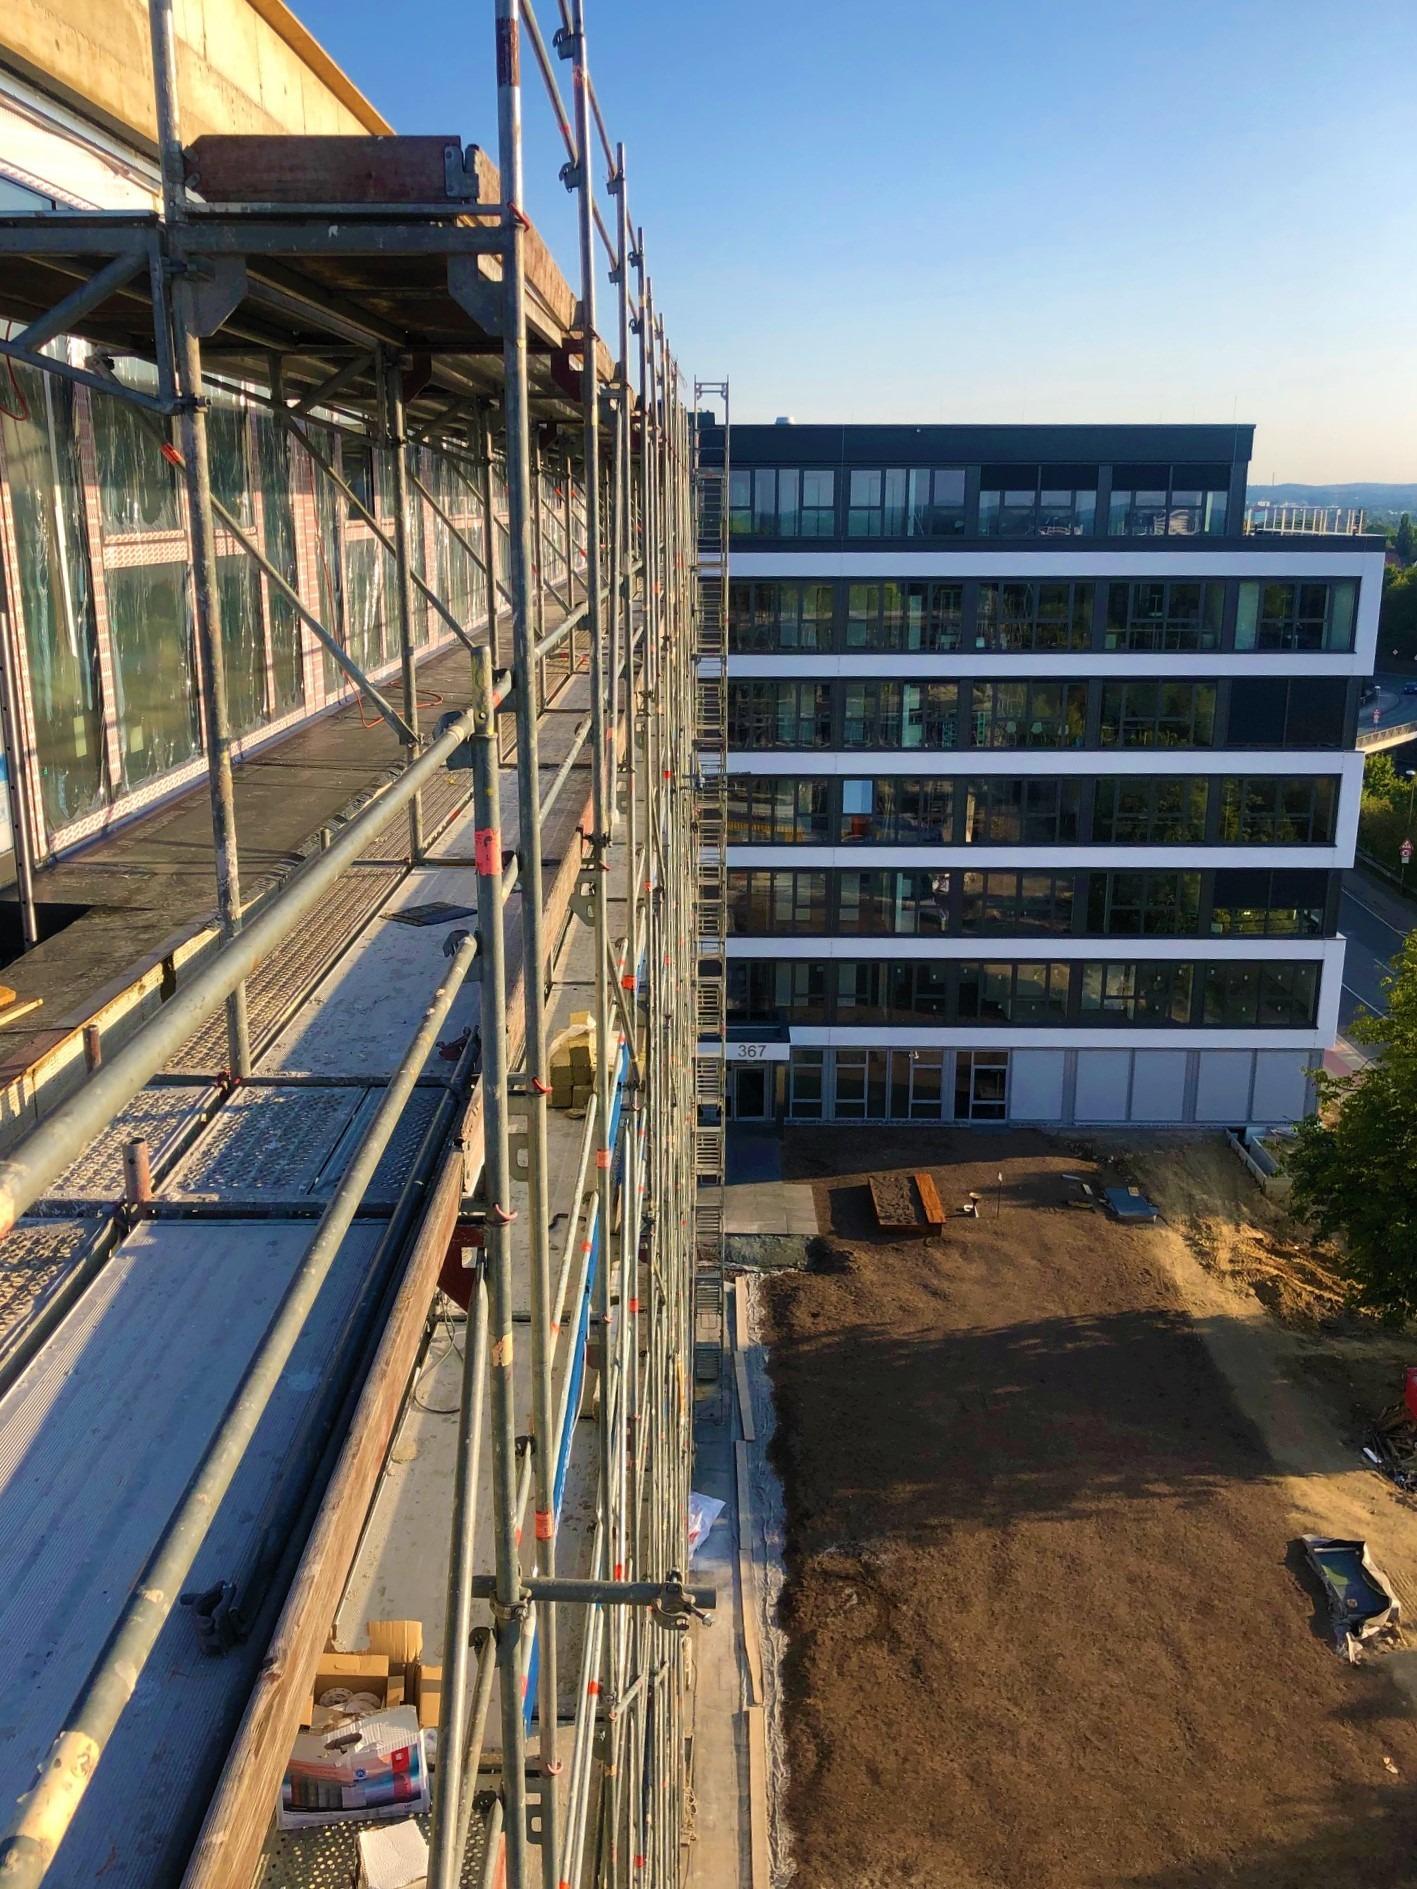 Neue Einblicke in die Bauten der Freie-Vogel-Straße 367, 369 und 371